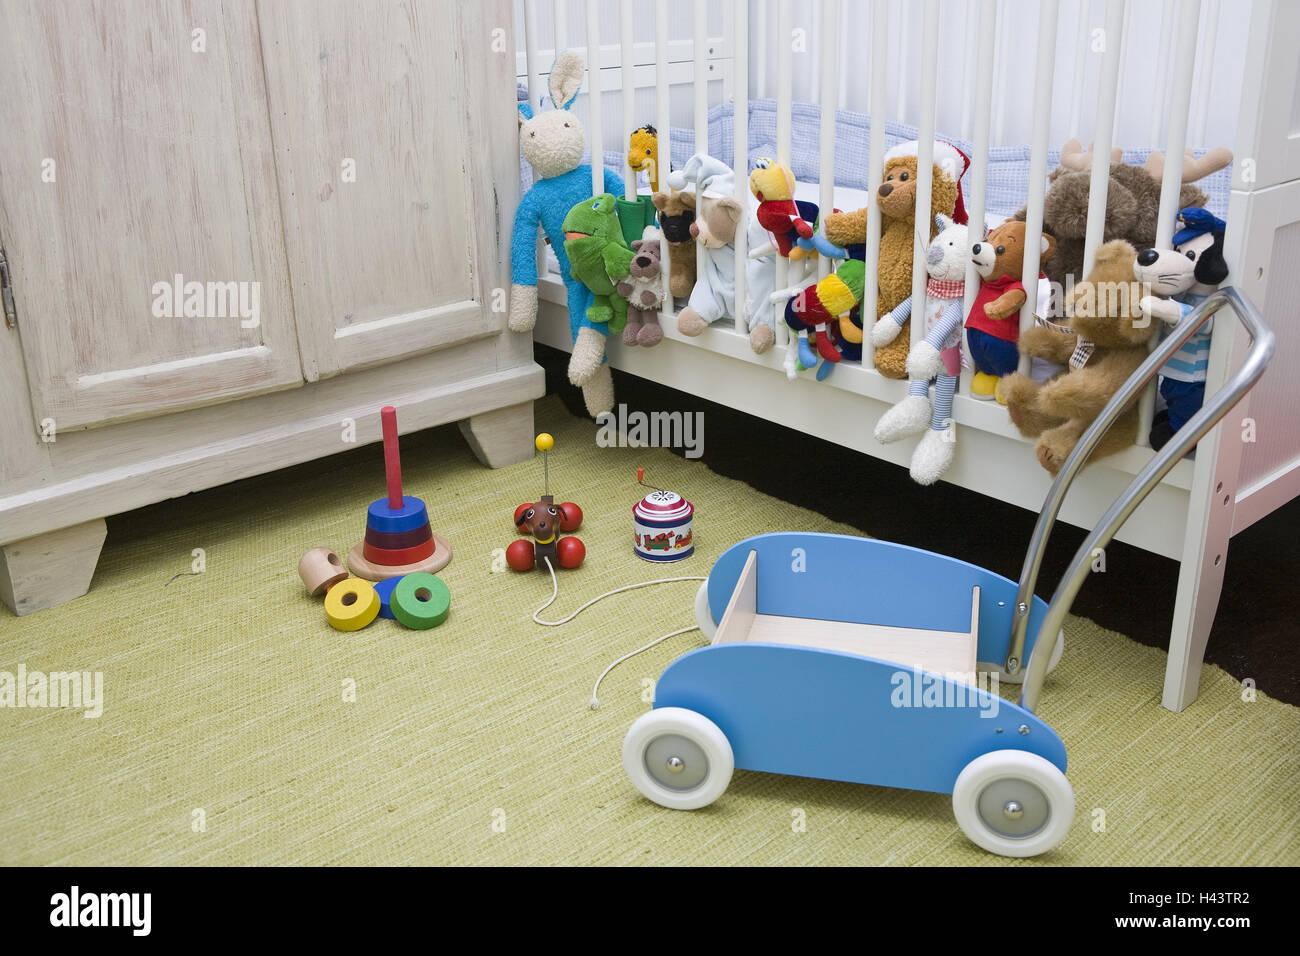 Kinderzimmer Spielzeug Kinderbett Stofftiere Kinderzimmer